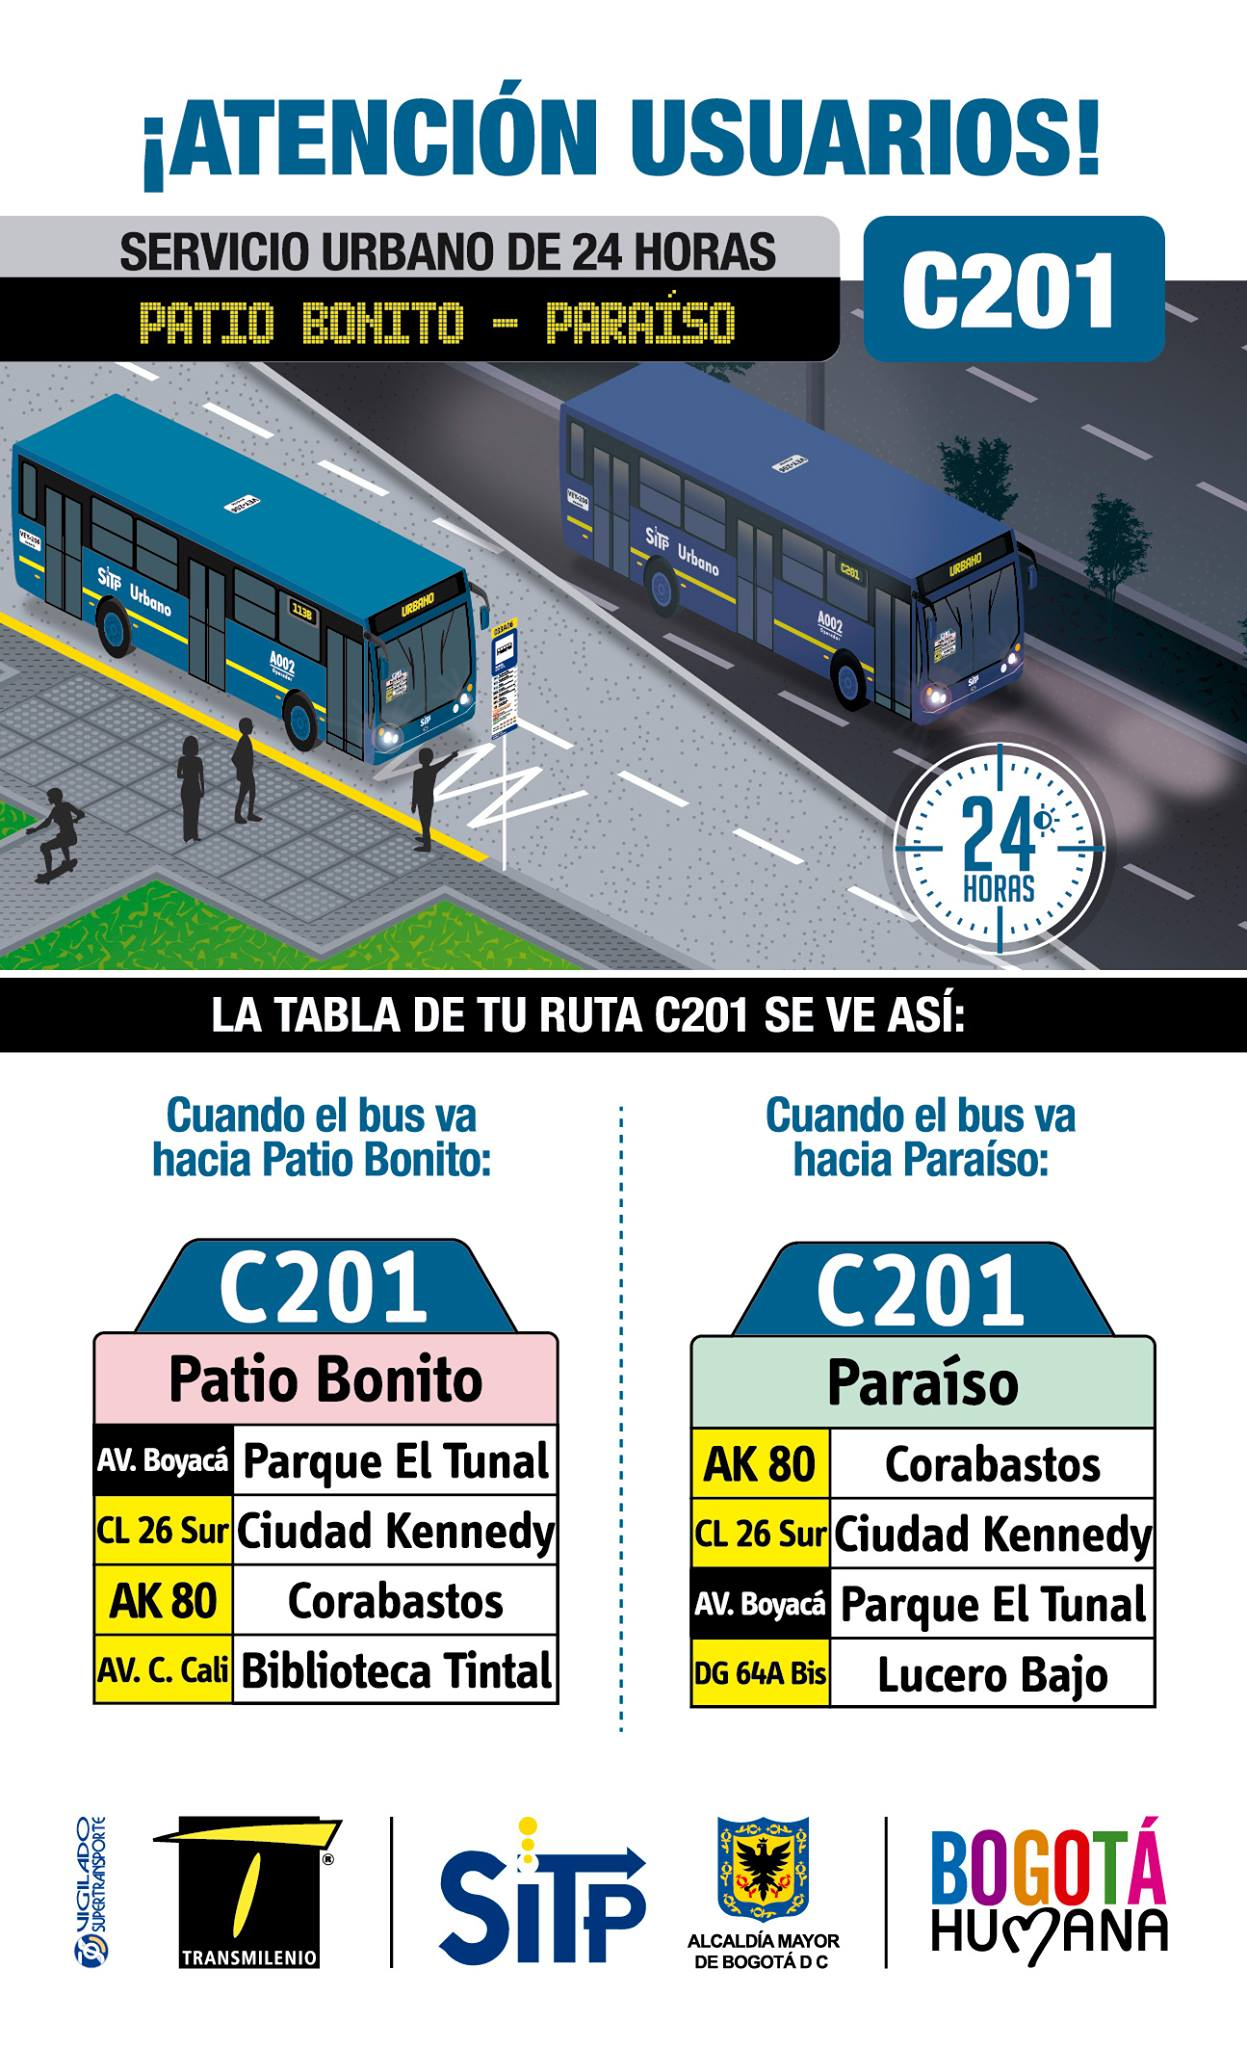 ¿Sabías que la ruta C201 urbana opera 24 horas?